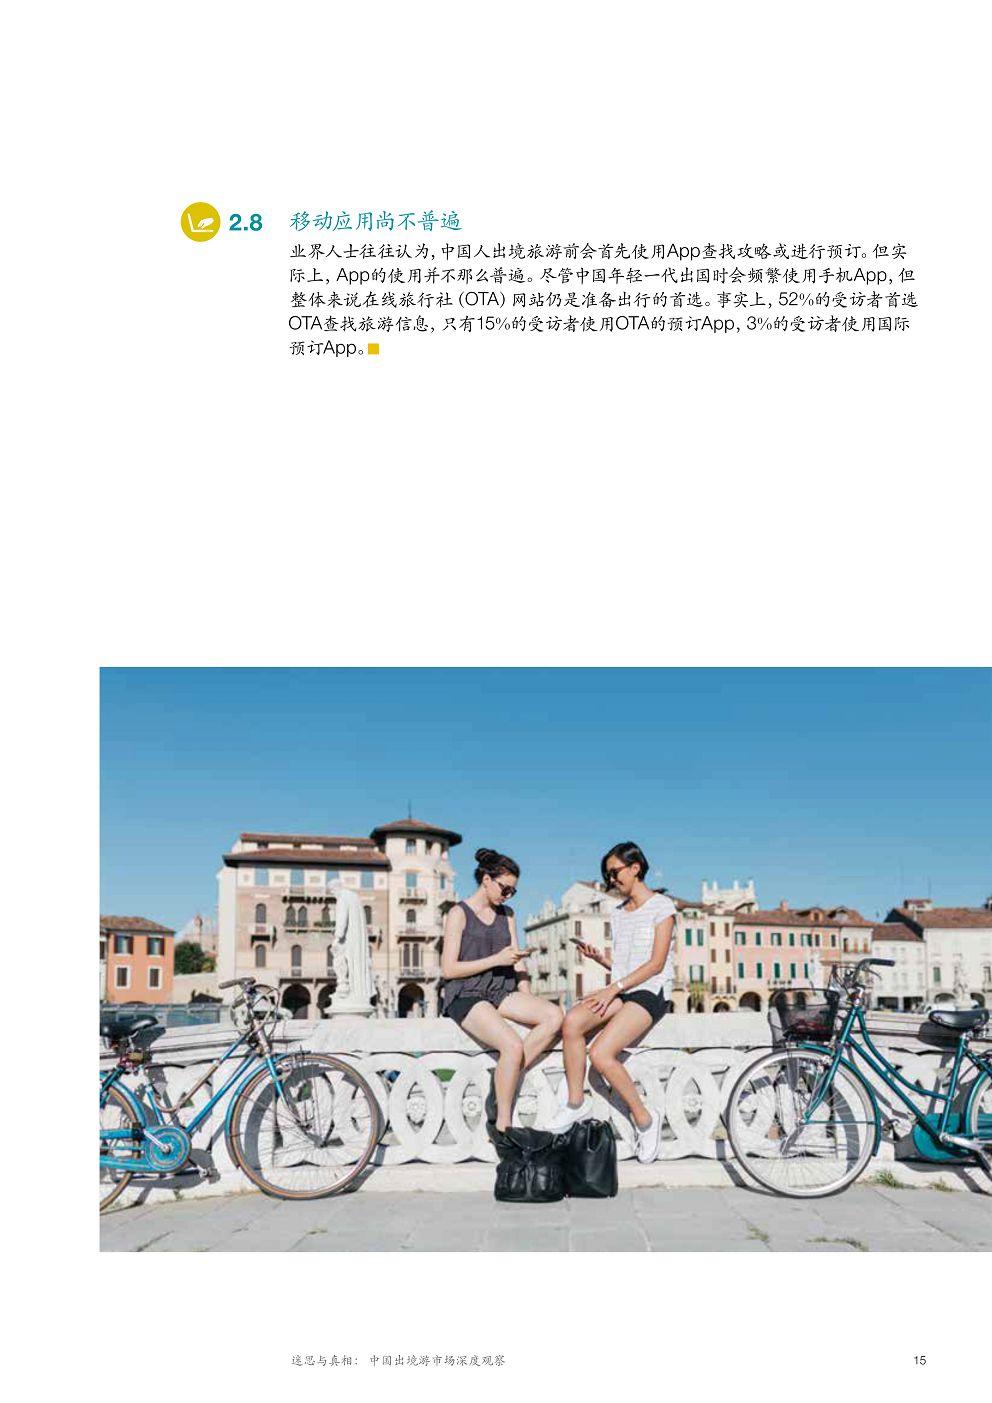 McK_China-tourism-report-2018_CN_19